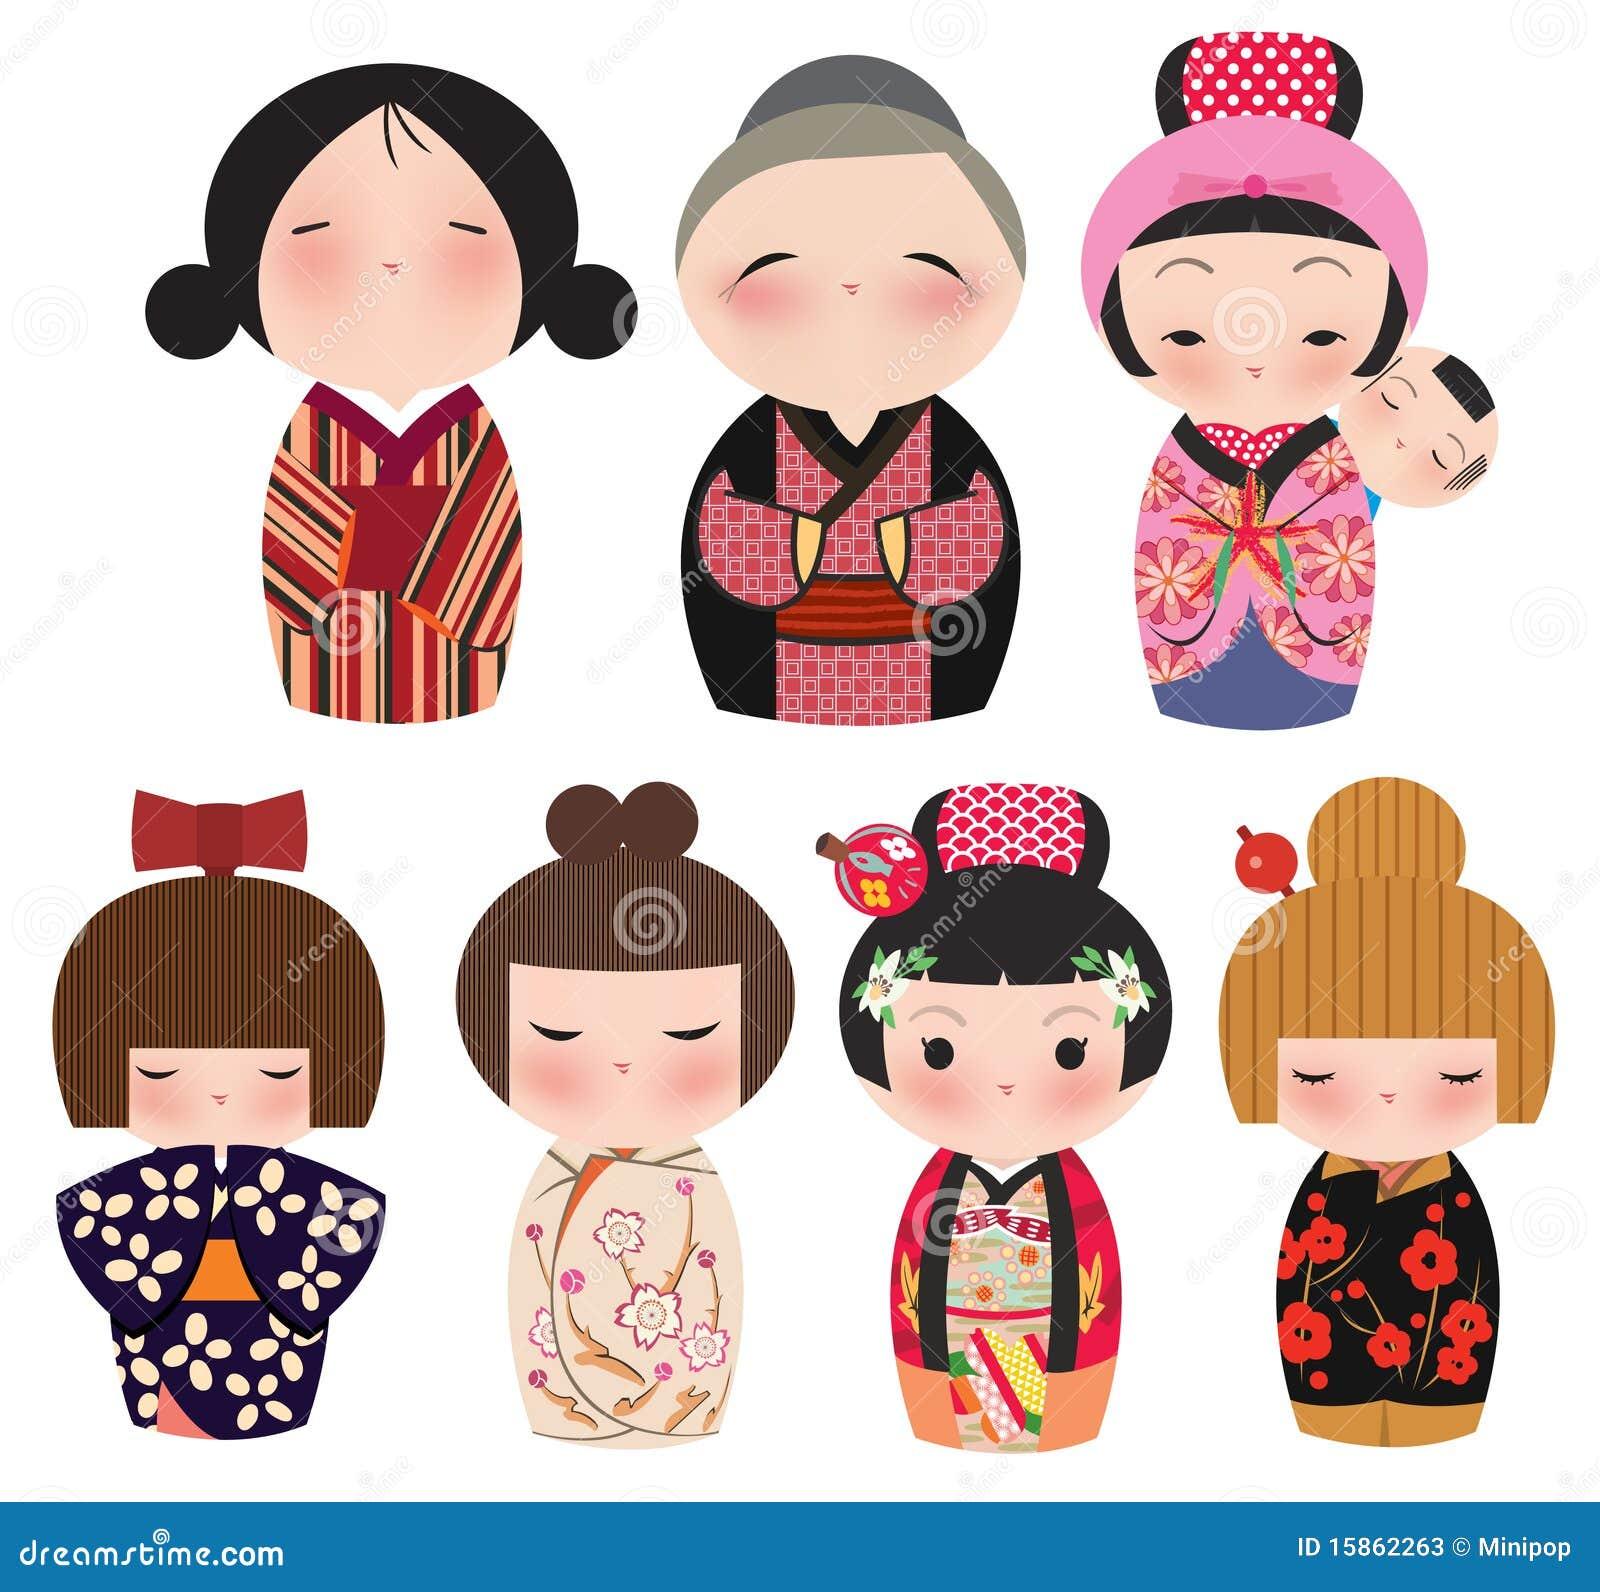 Una serie de caracteres japoneses lindos del kokeshi.